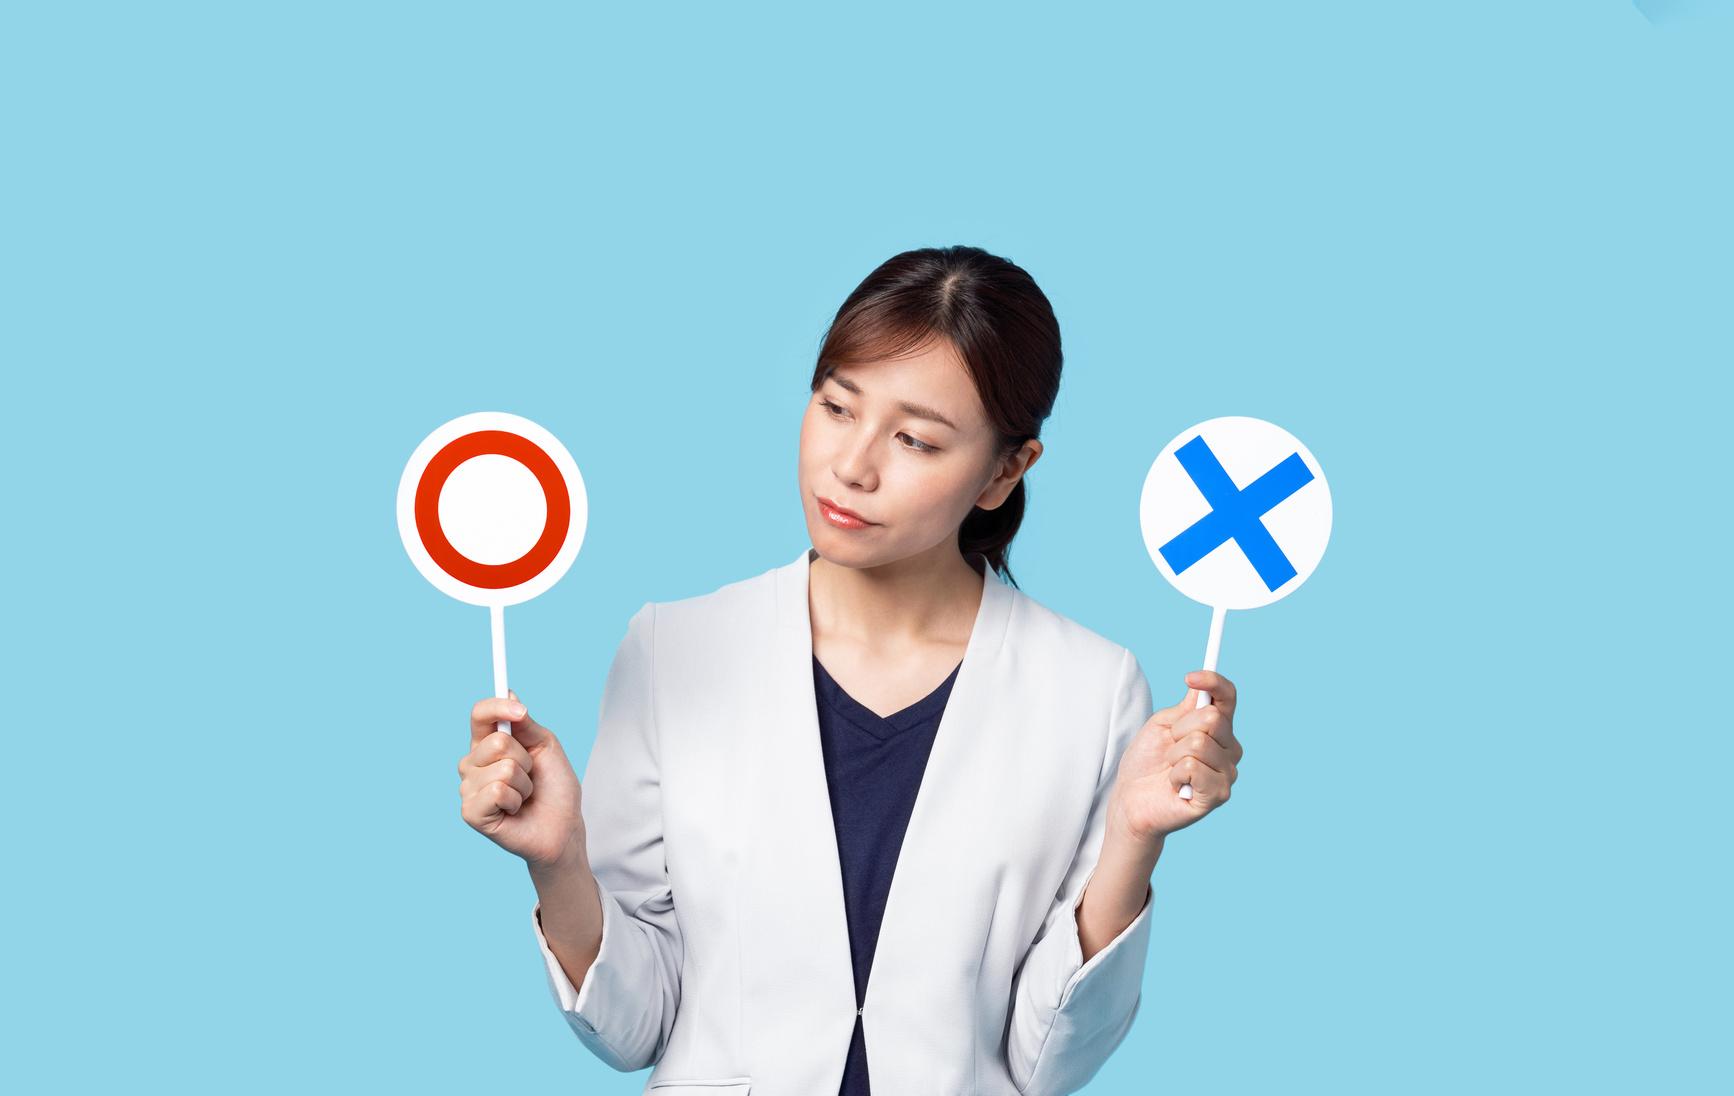 गल्तिको सुधार/間違いの改善